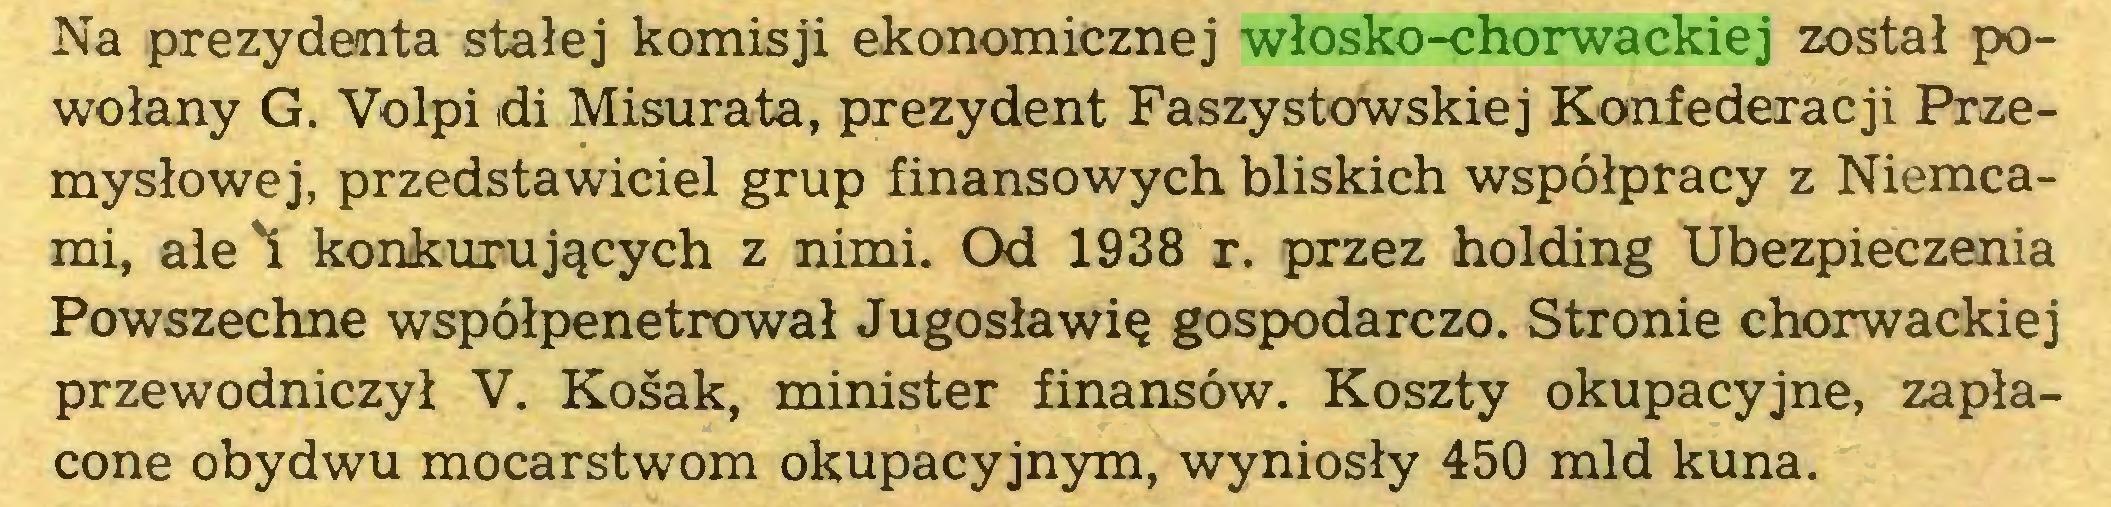 (...) Na prezydenta stałej komisji ekonomicznej włosko-chorwackiej został powołany G. Volpi di Misurata, prezydent Faszystowskiej Konfederacji Przemysłowej, przedstawiciel grup finansowych bliskich współpracy z Niemcami, ale'i konkurujących z nimi. Od 1938 r. przez holding Ubezpieczenia Powszechne współpenetrował Jugosławię gospodarczo. Stronie chorwackiej przewodniczył V. Kośak, minister finansów. Koszty okupacyjne, zapłacone obydwu mocarstwom okupacyjnym, wyniosły 450 mld kuna...